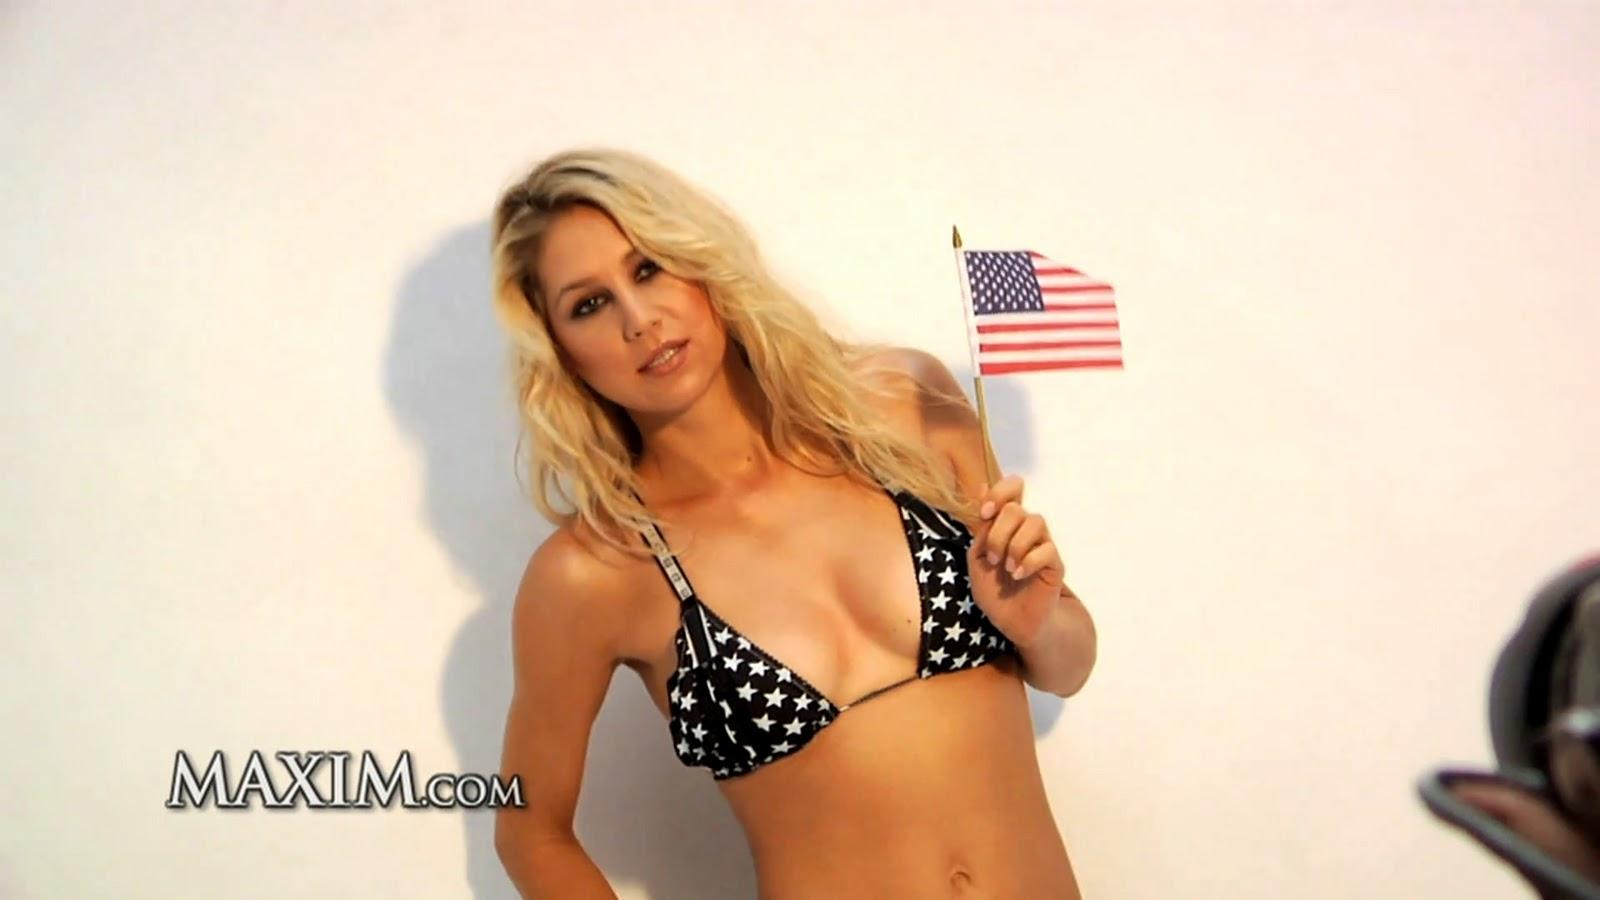 http://4.bp.blogspot.com/_2OnTsmsZtoc/TKtqxjVpTCI/AAAAAAAAAt0/xVx3qYlCtqo/s1600/anna-kournikova-maxim-shoot-cap-01.jpg